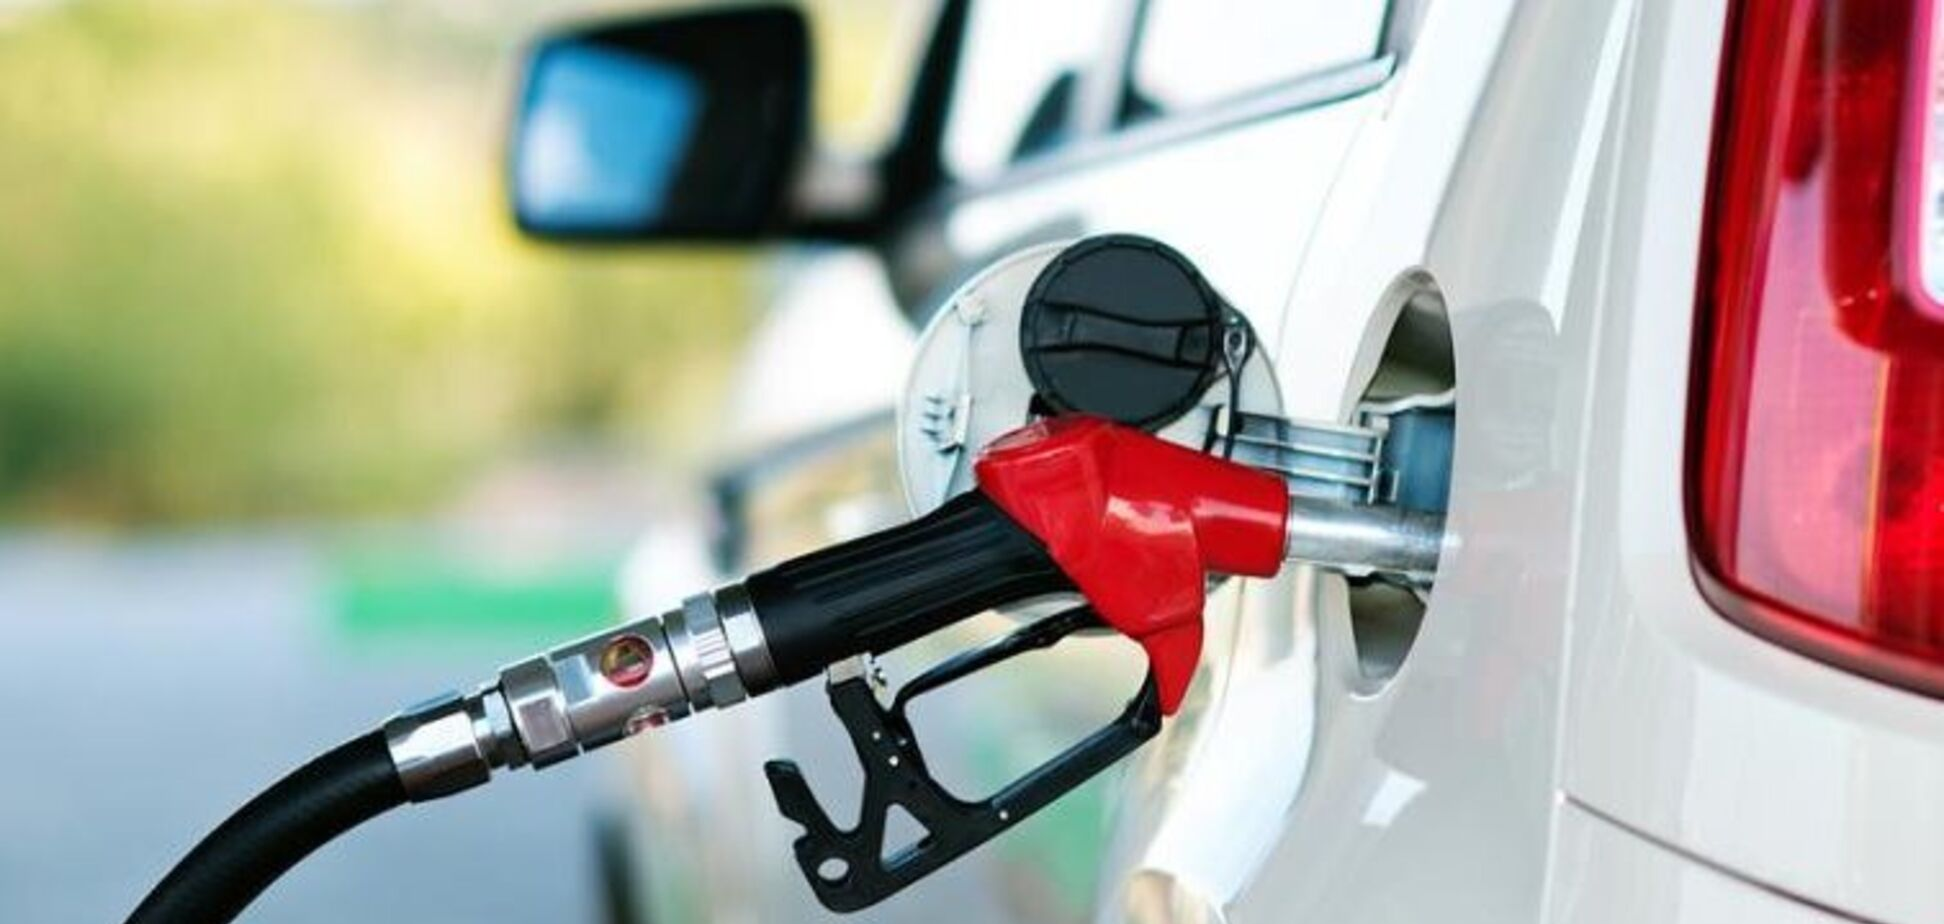 9 грн с литра или 1,5 млрд в месяц – Герус игнорирует исторические сверхприбыли нефтяных олигархов